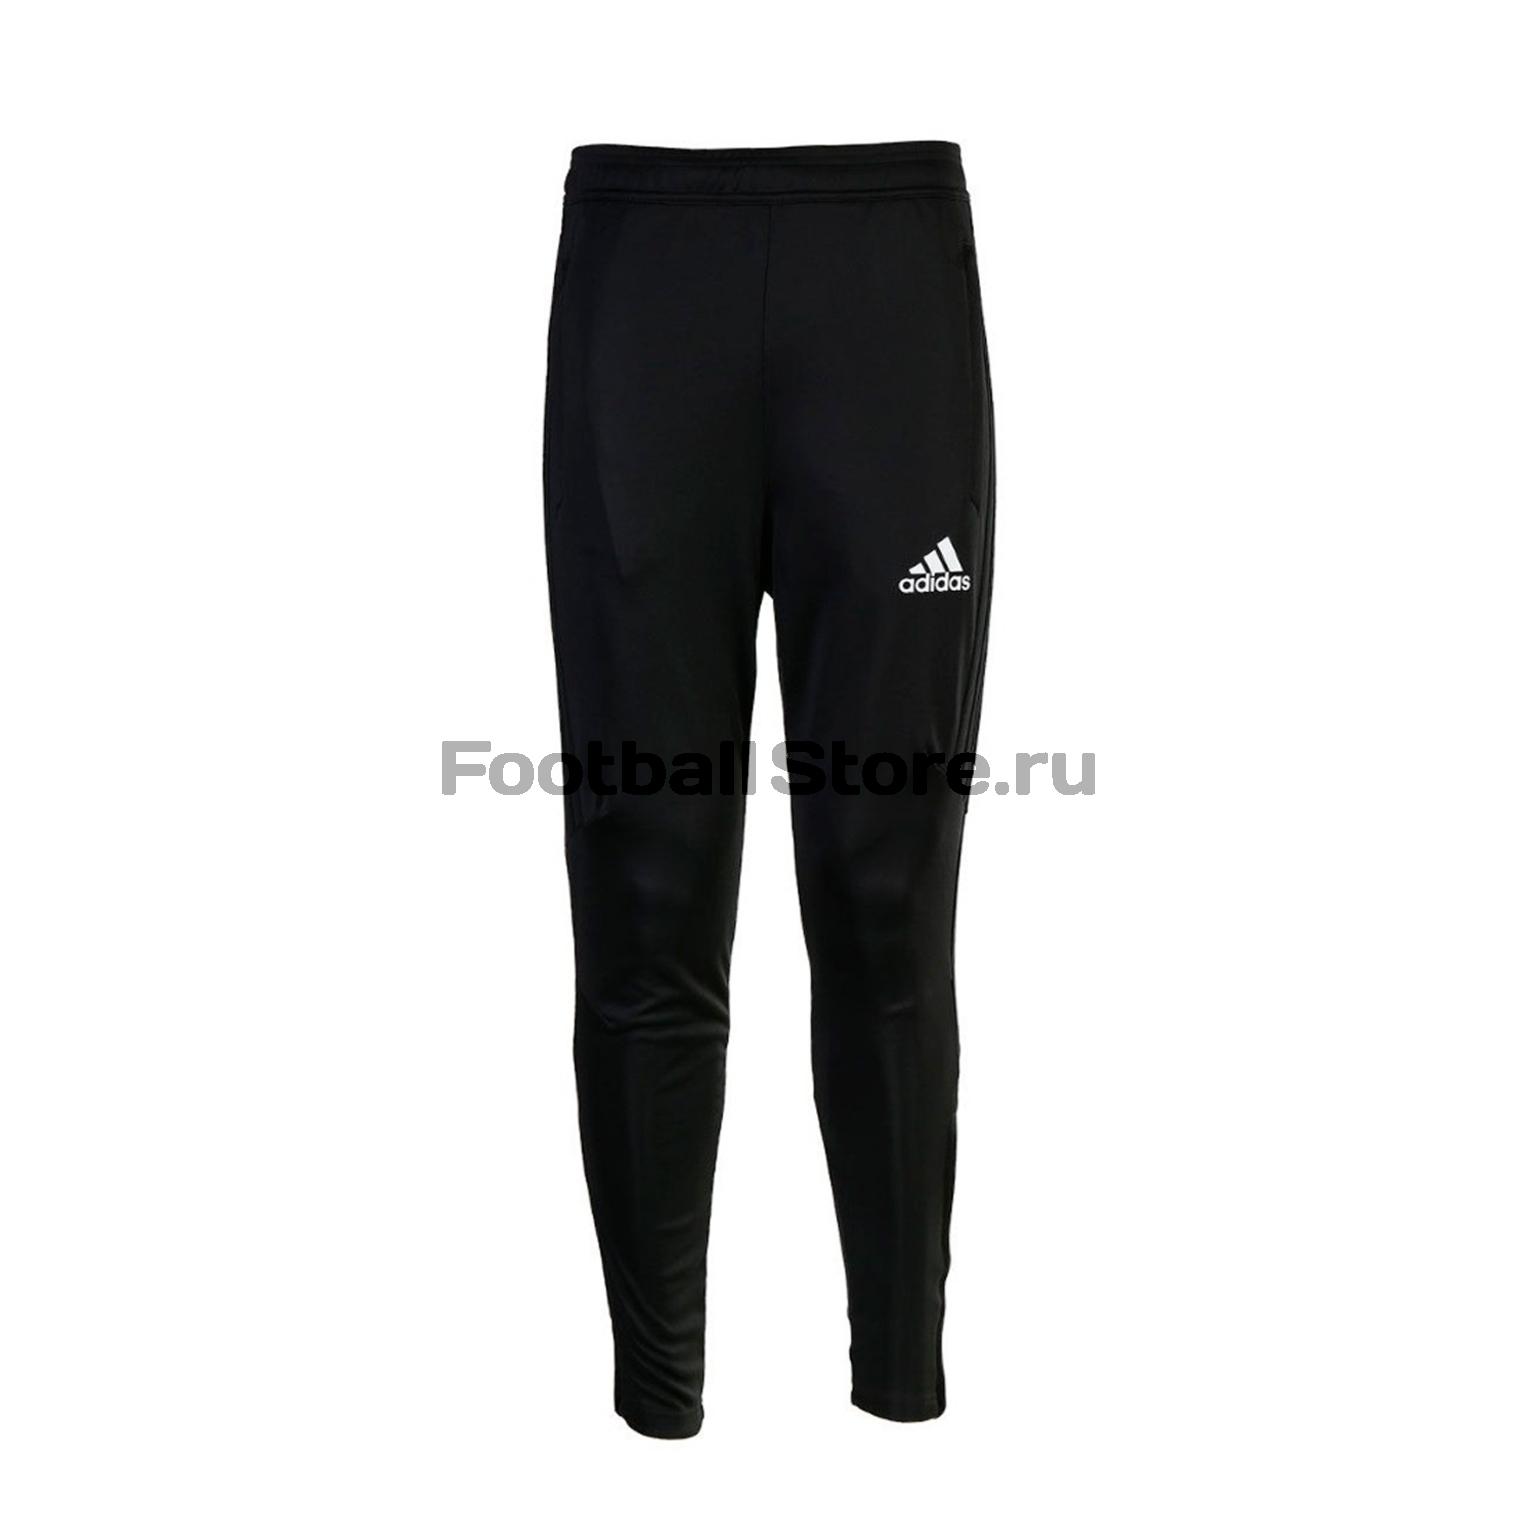 Брюки тренировочные Adidas Tiro17 TRG PNT BK0348 брюки adidas брюки тренировочные adidas tiro17 rn pnt ay2896